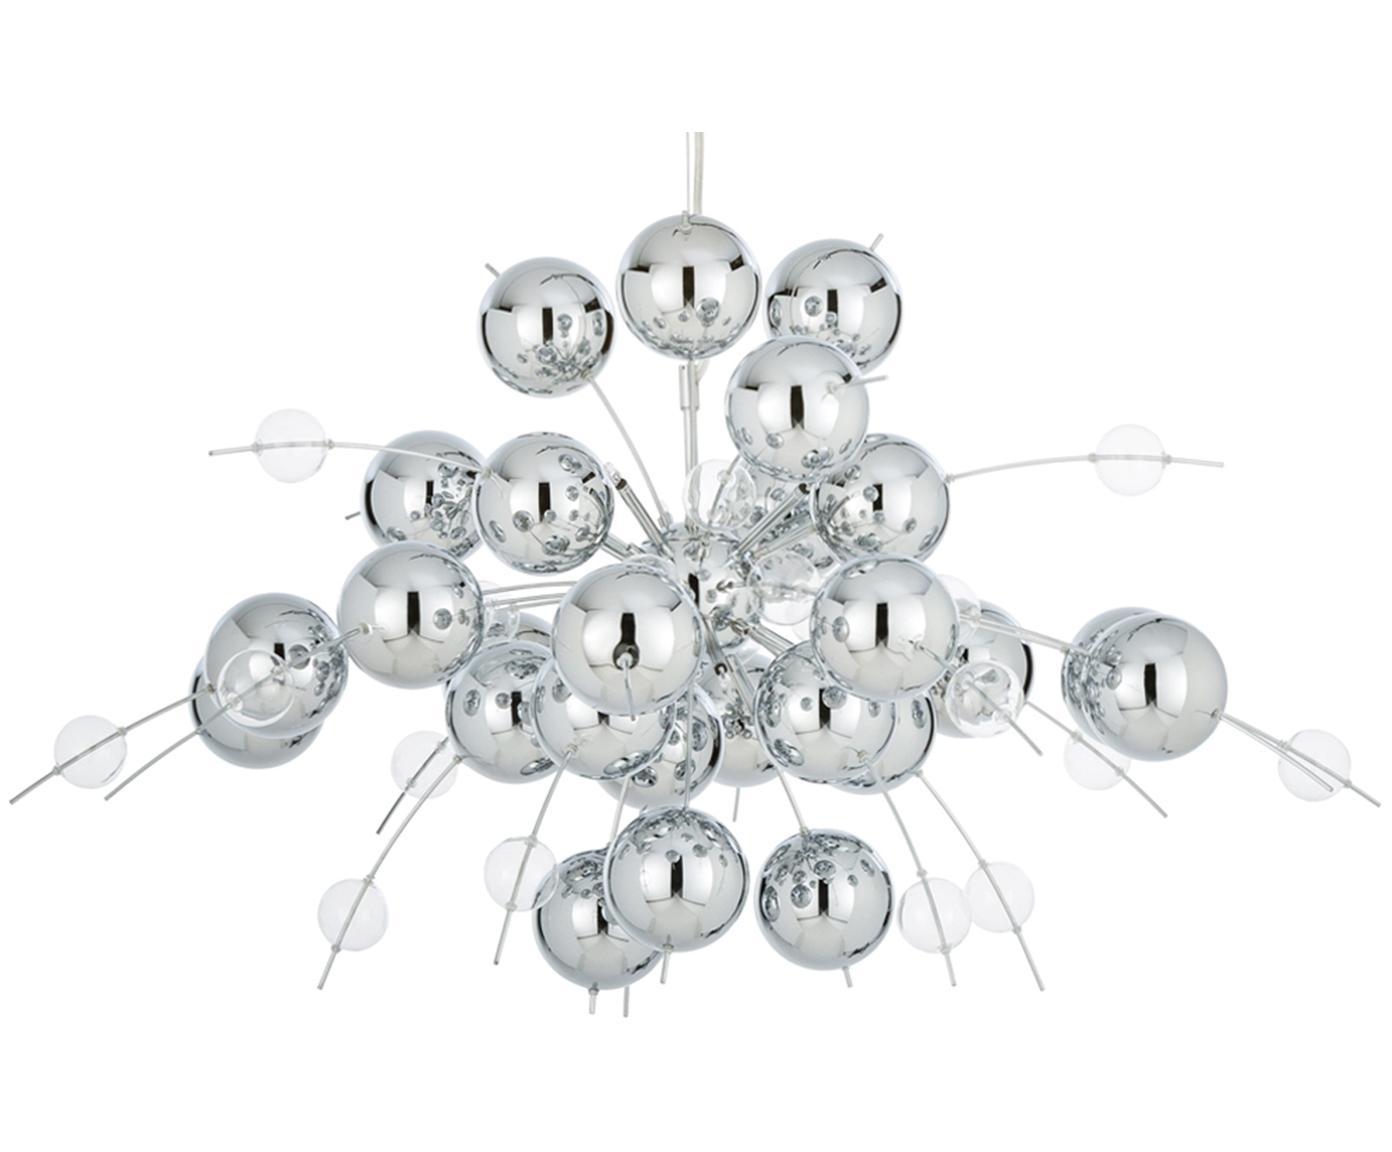 Lampada a sospensione in cromo Explosion, Metallo cromato trasparente, Ø 98 cm